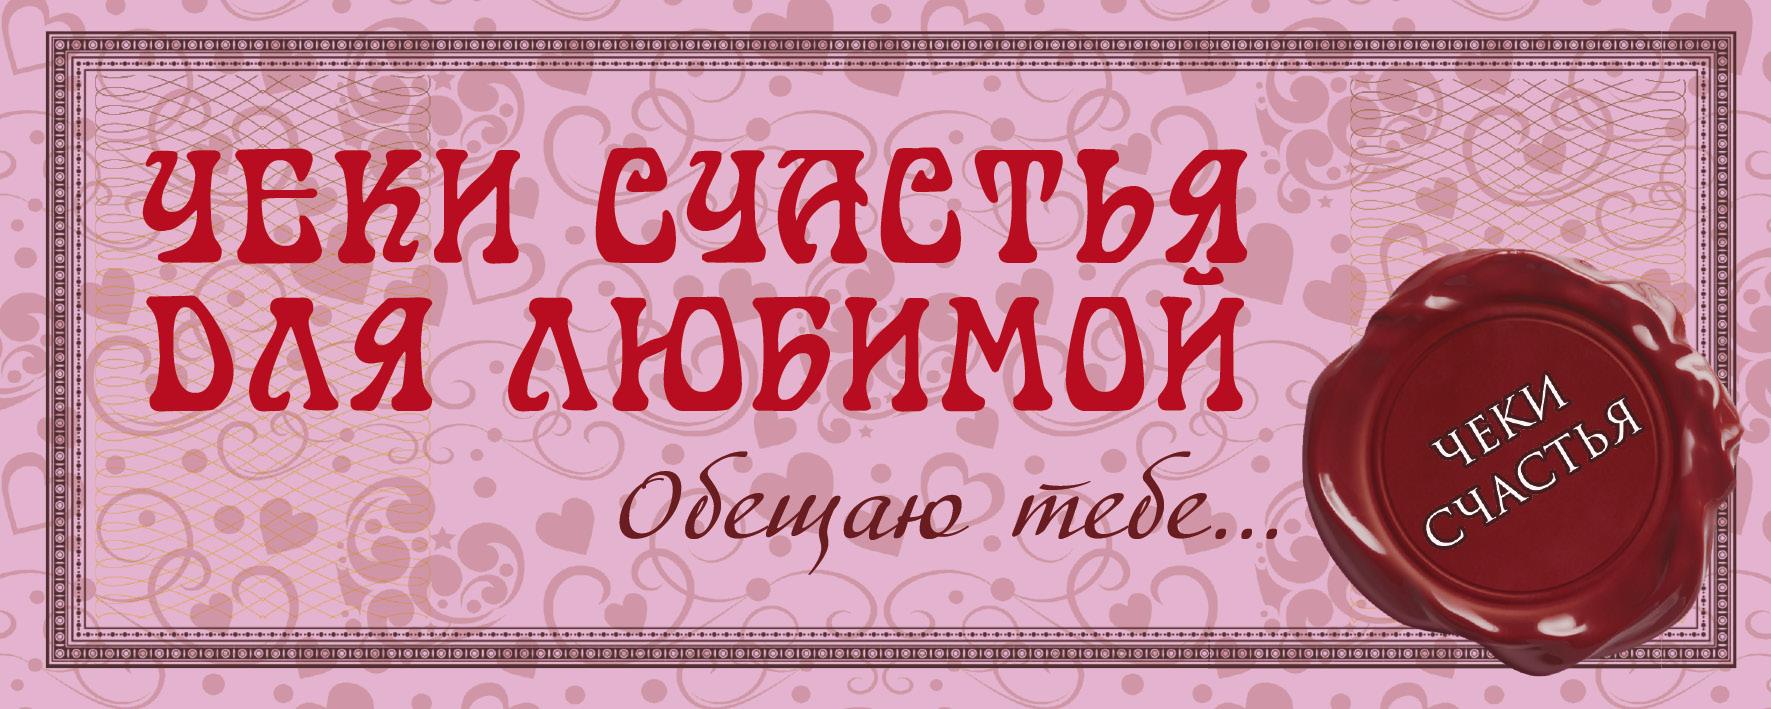 Е. А. Пилипенко Чеки счастья для любимой. Обещаю тебе... love is любимая я обещаю тебе чеки для исполнения желаний